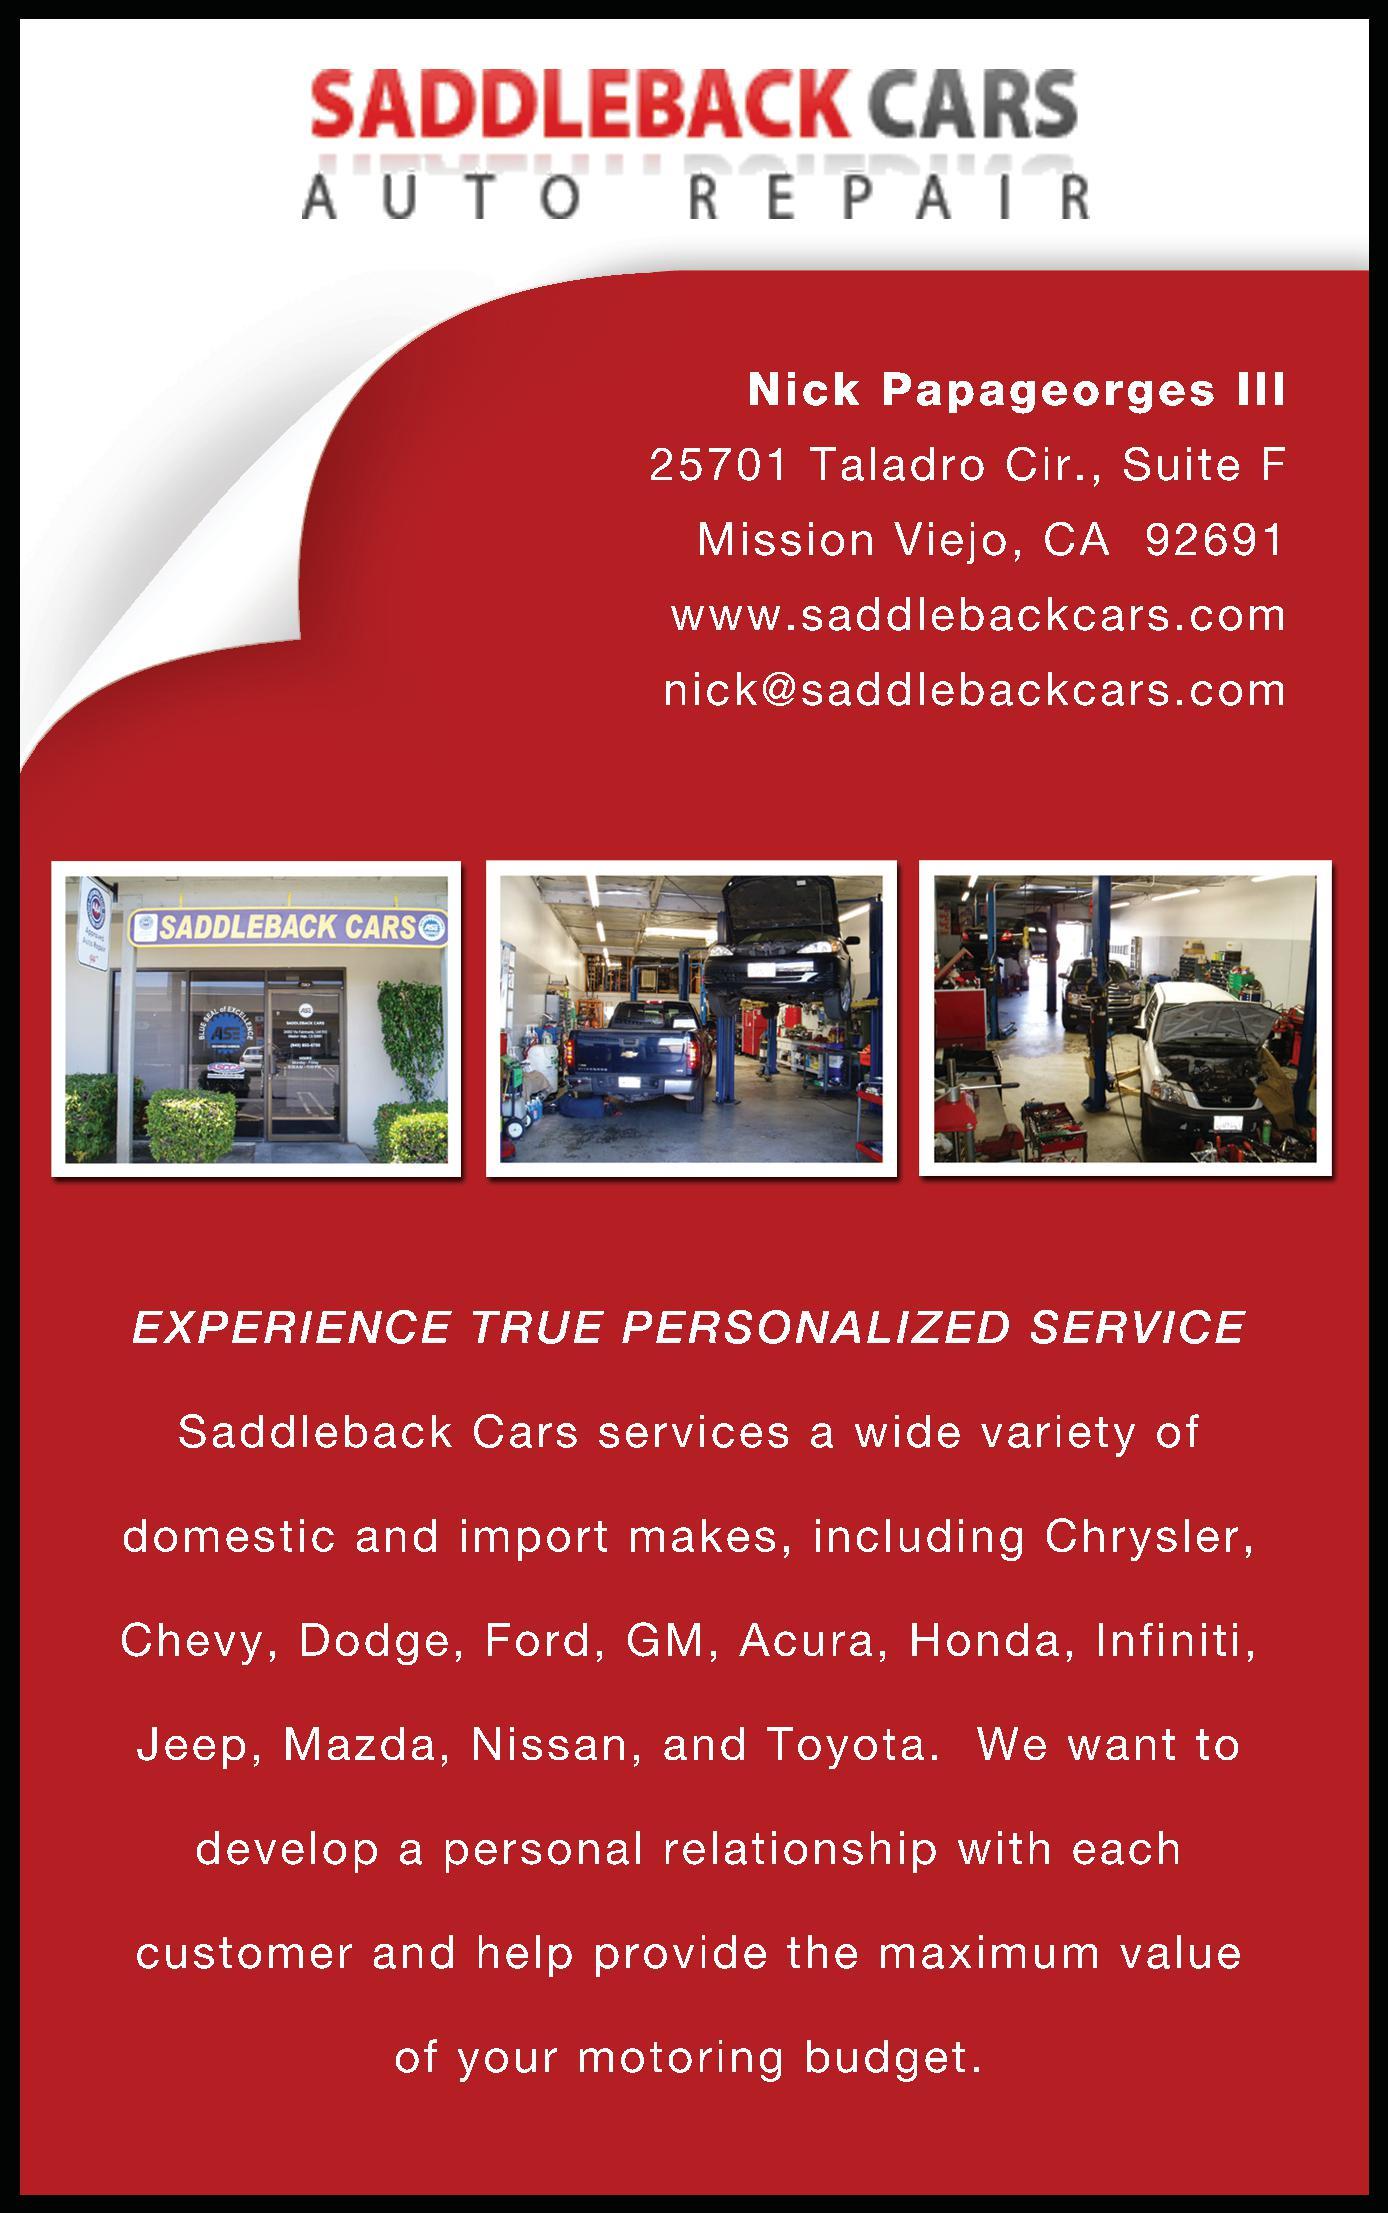 Saddleback Cars